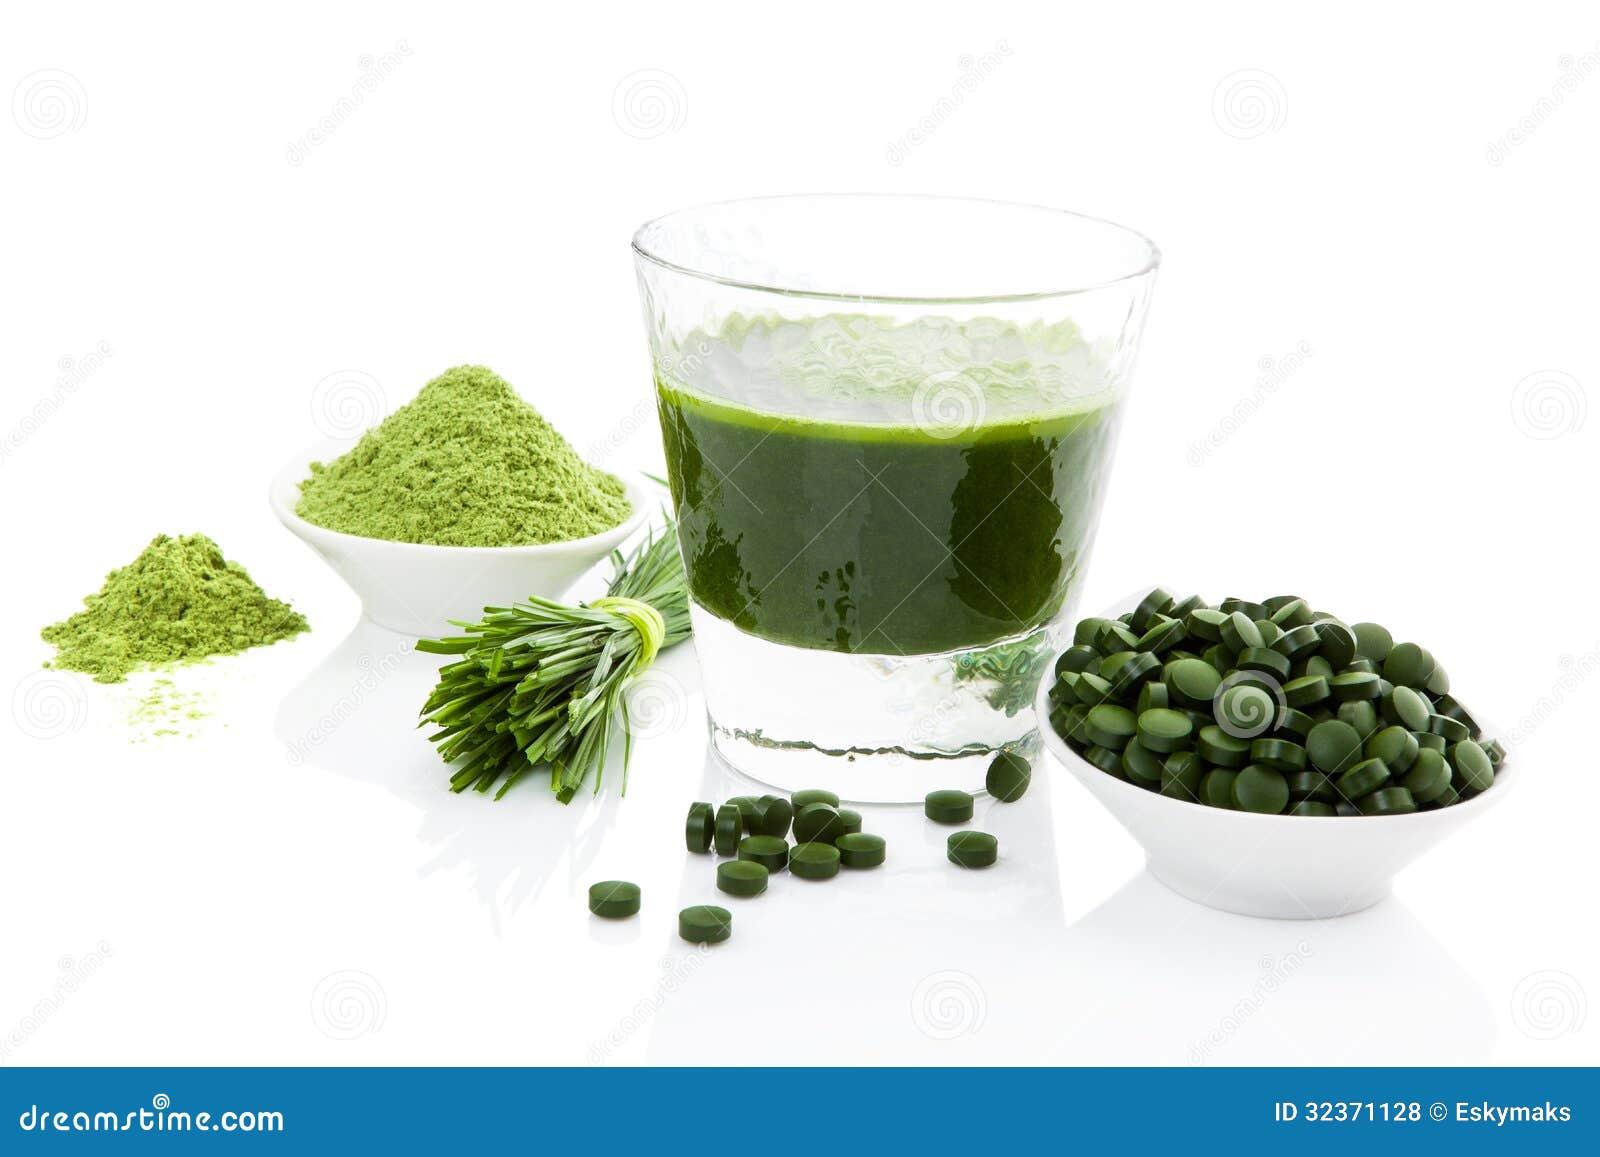 Sund uppehälle. Spirulina, chlorella och wheatgrass.